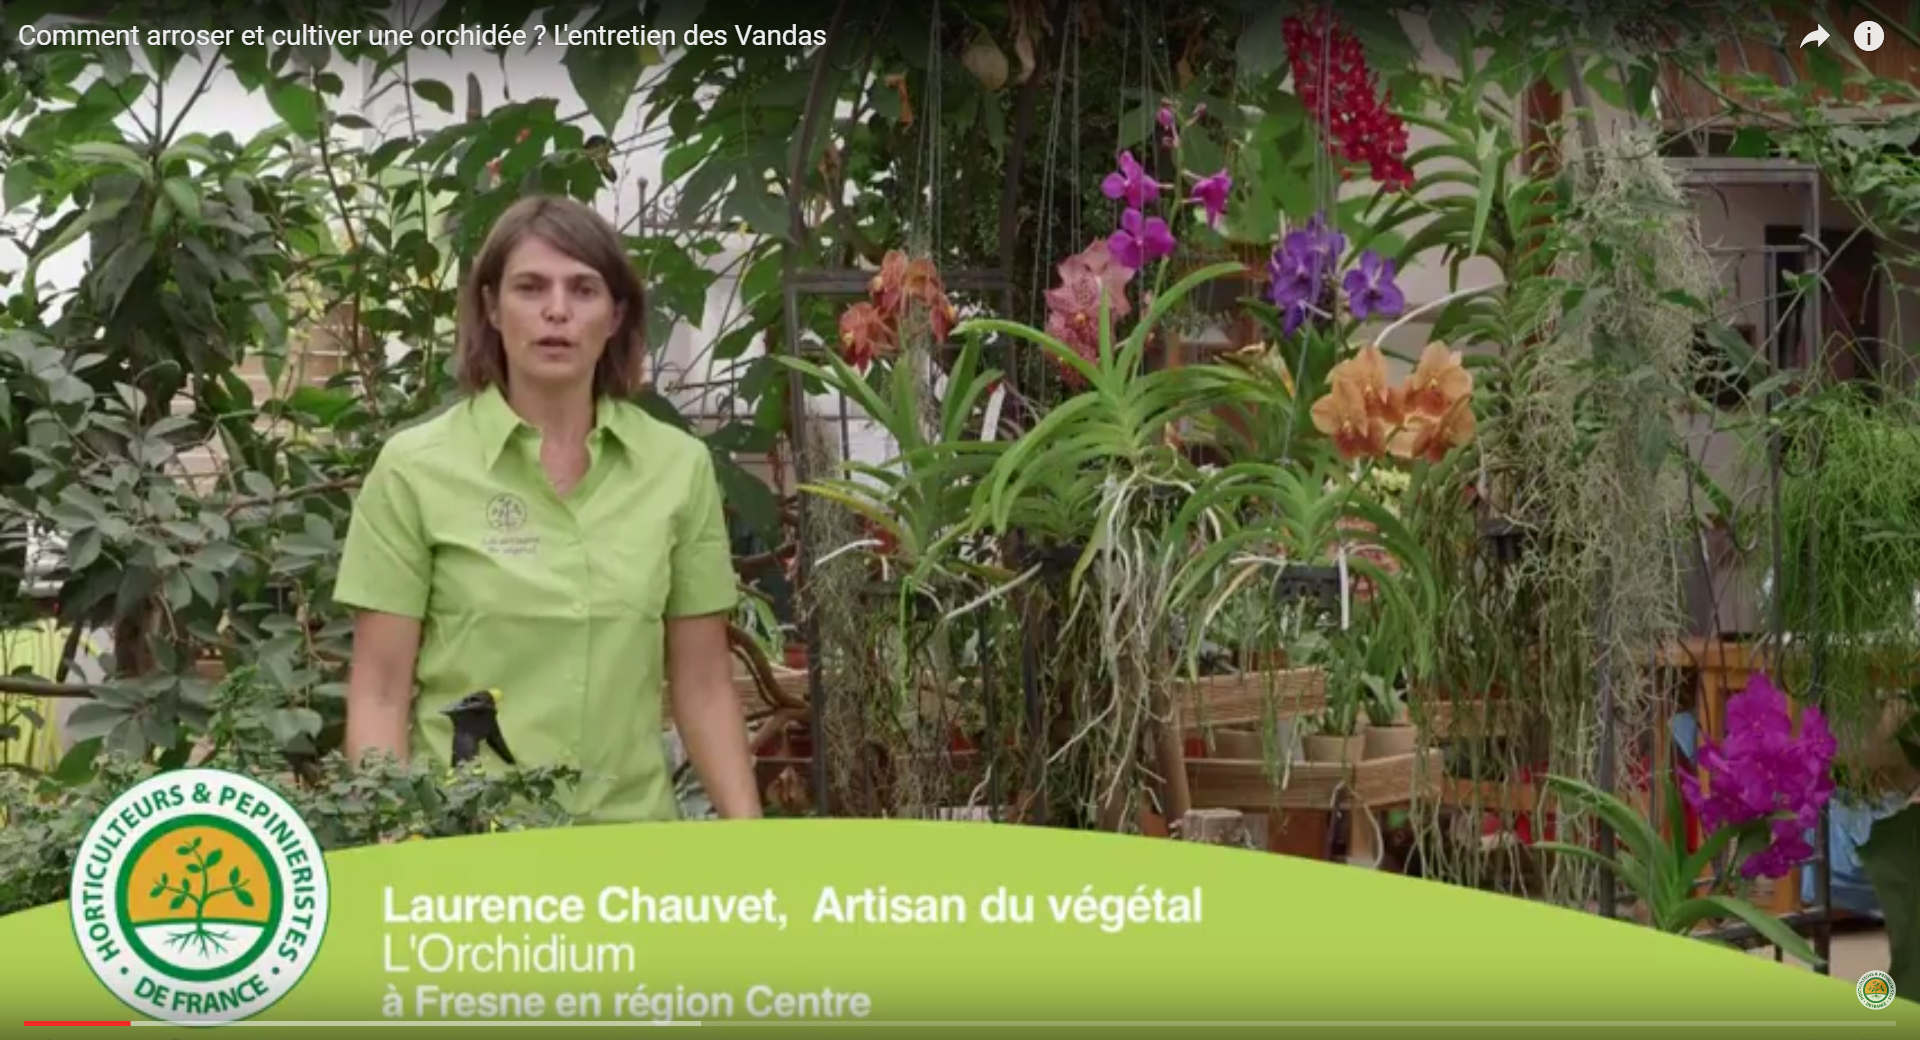 Comment arroser et cultiver une orchid e l 39 entretien des vandas - Comment arroser une orchidee ...